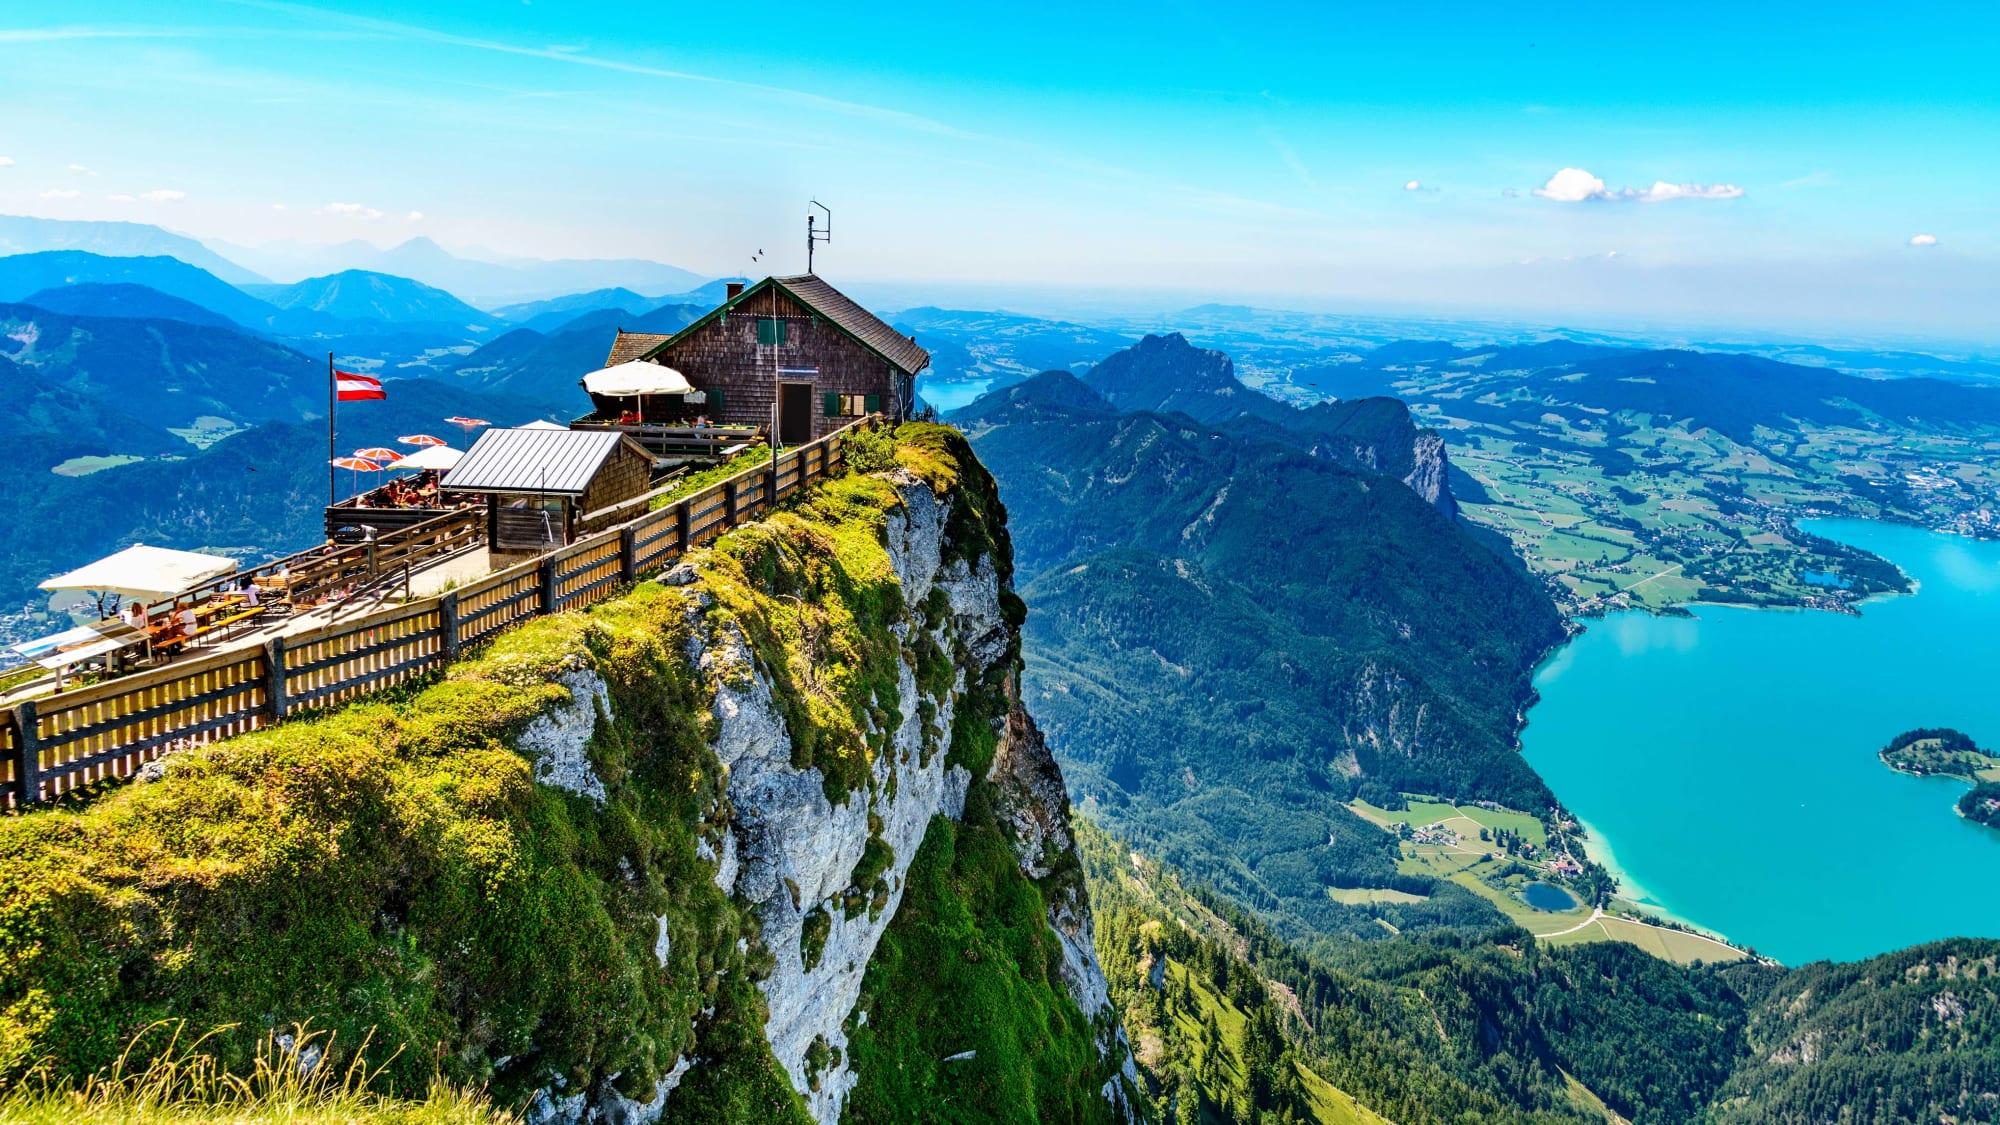 Österreich-Urlaub 2020: Das müssen Reisende wissen | ADAC